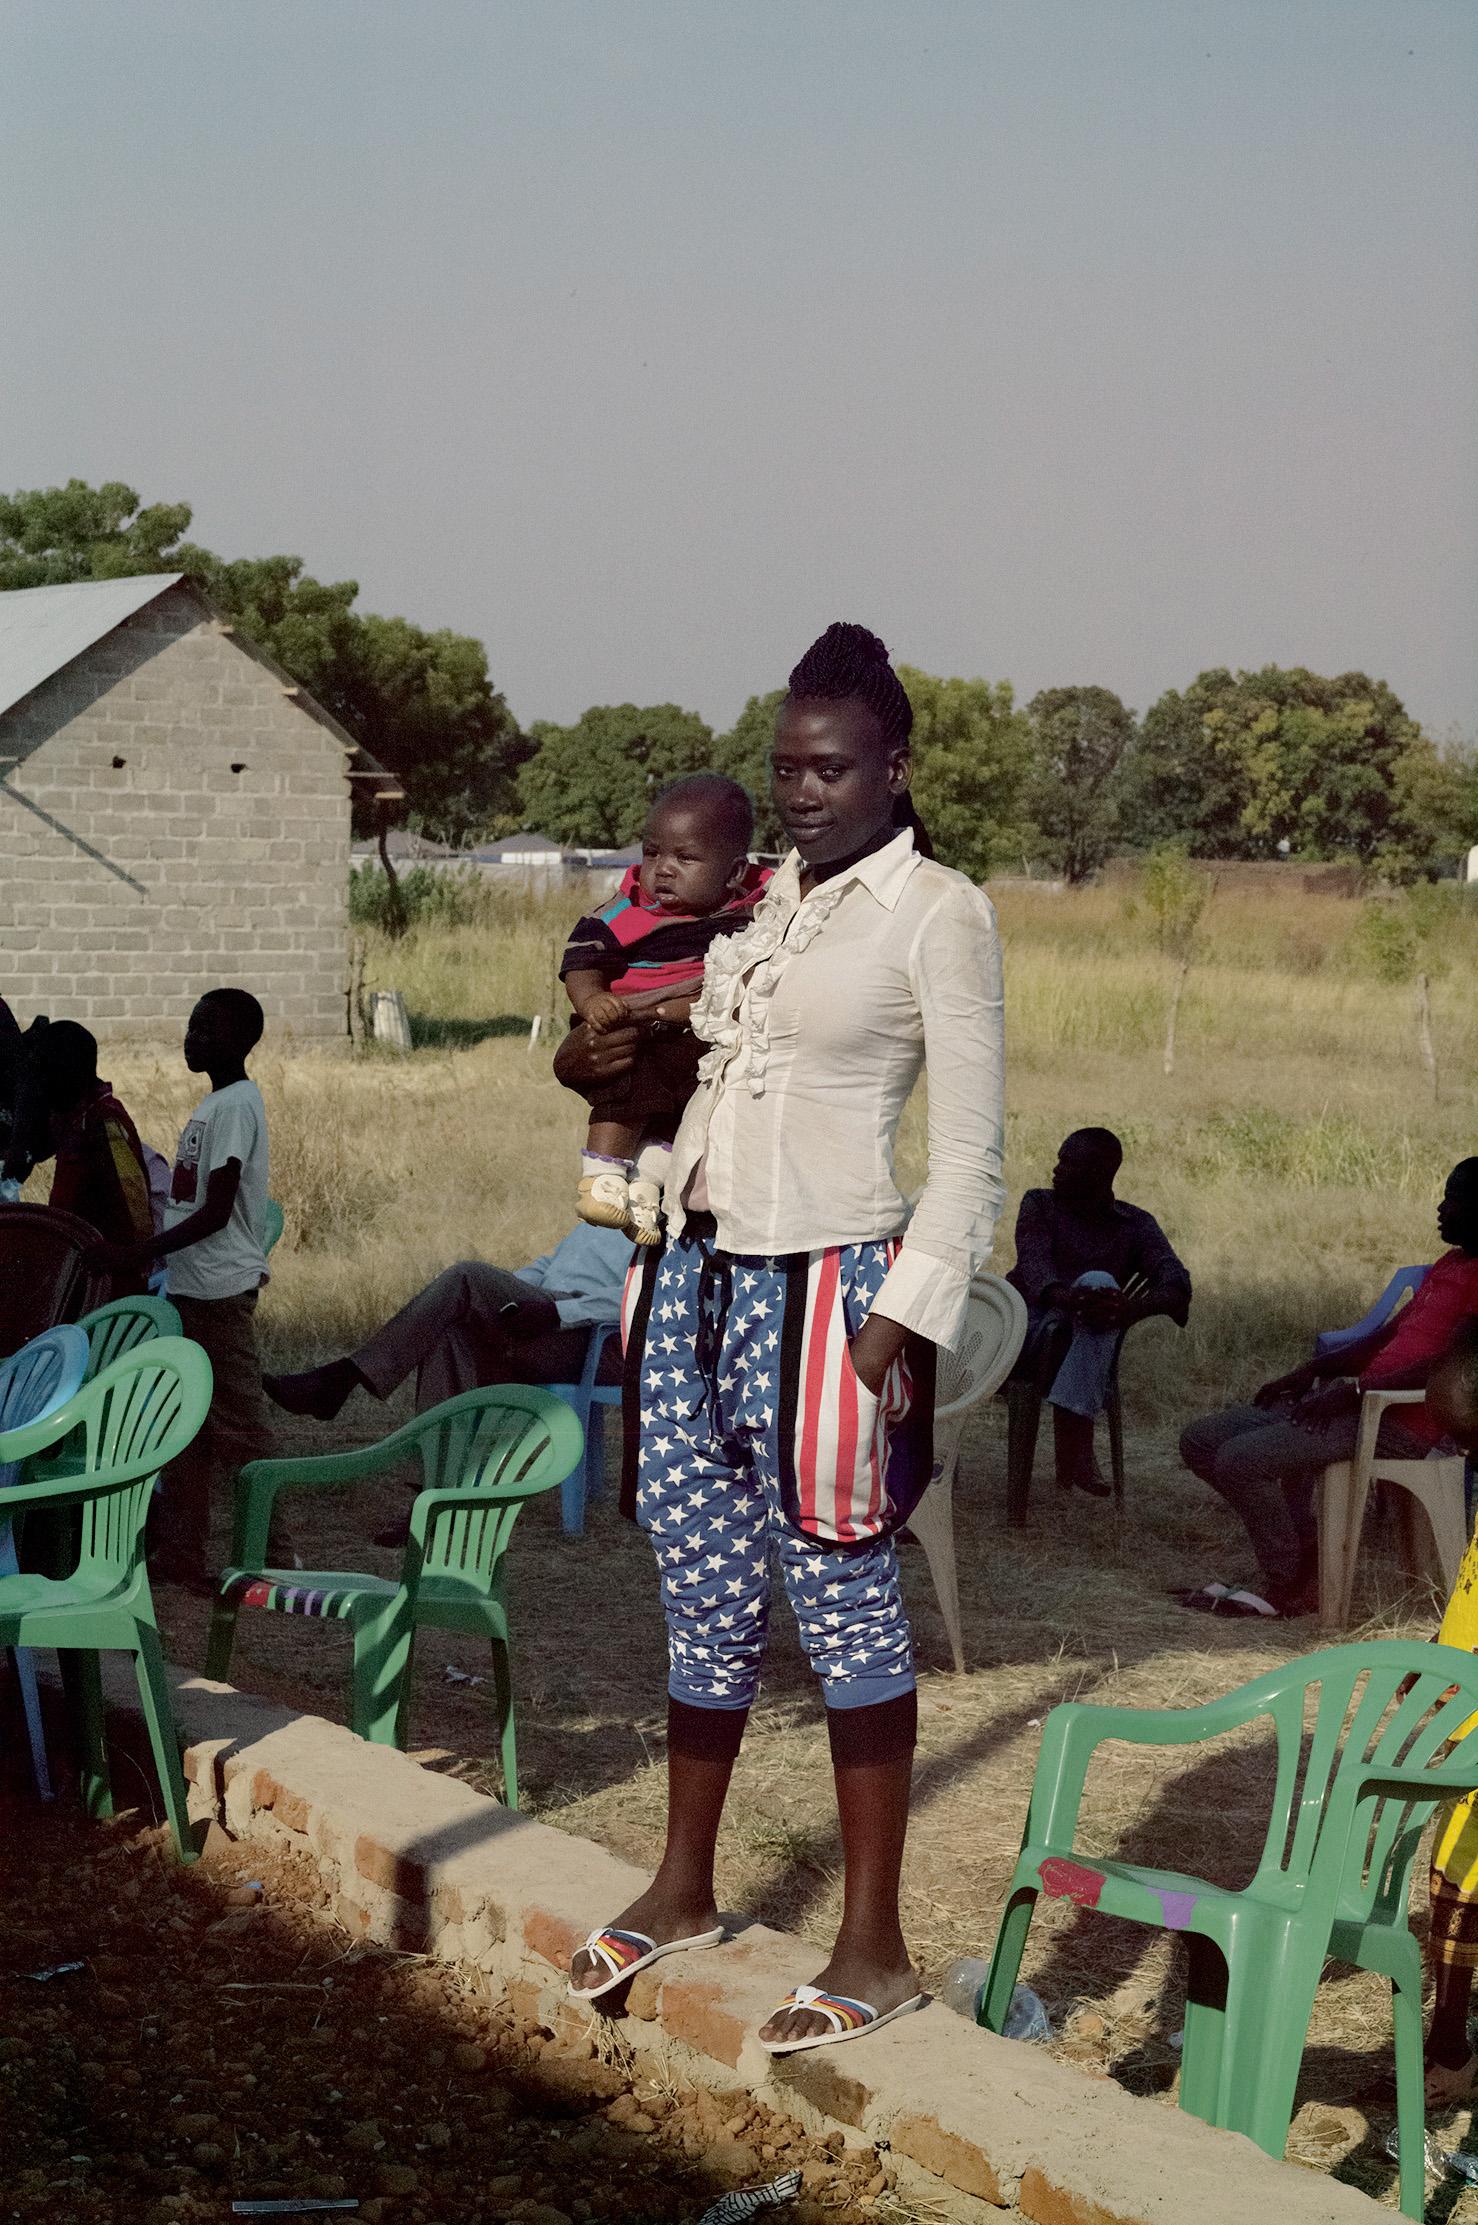 Claude Iverné, Apprentice Graduation Ceremony, Saint-Vincentde-Paul Training Centre, Sister Emmanuelle, Lologo District, Juba, Dec. 2015